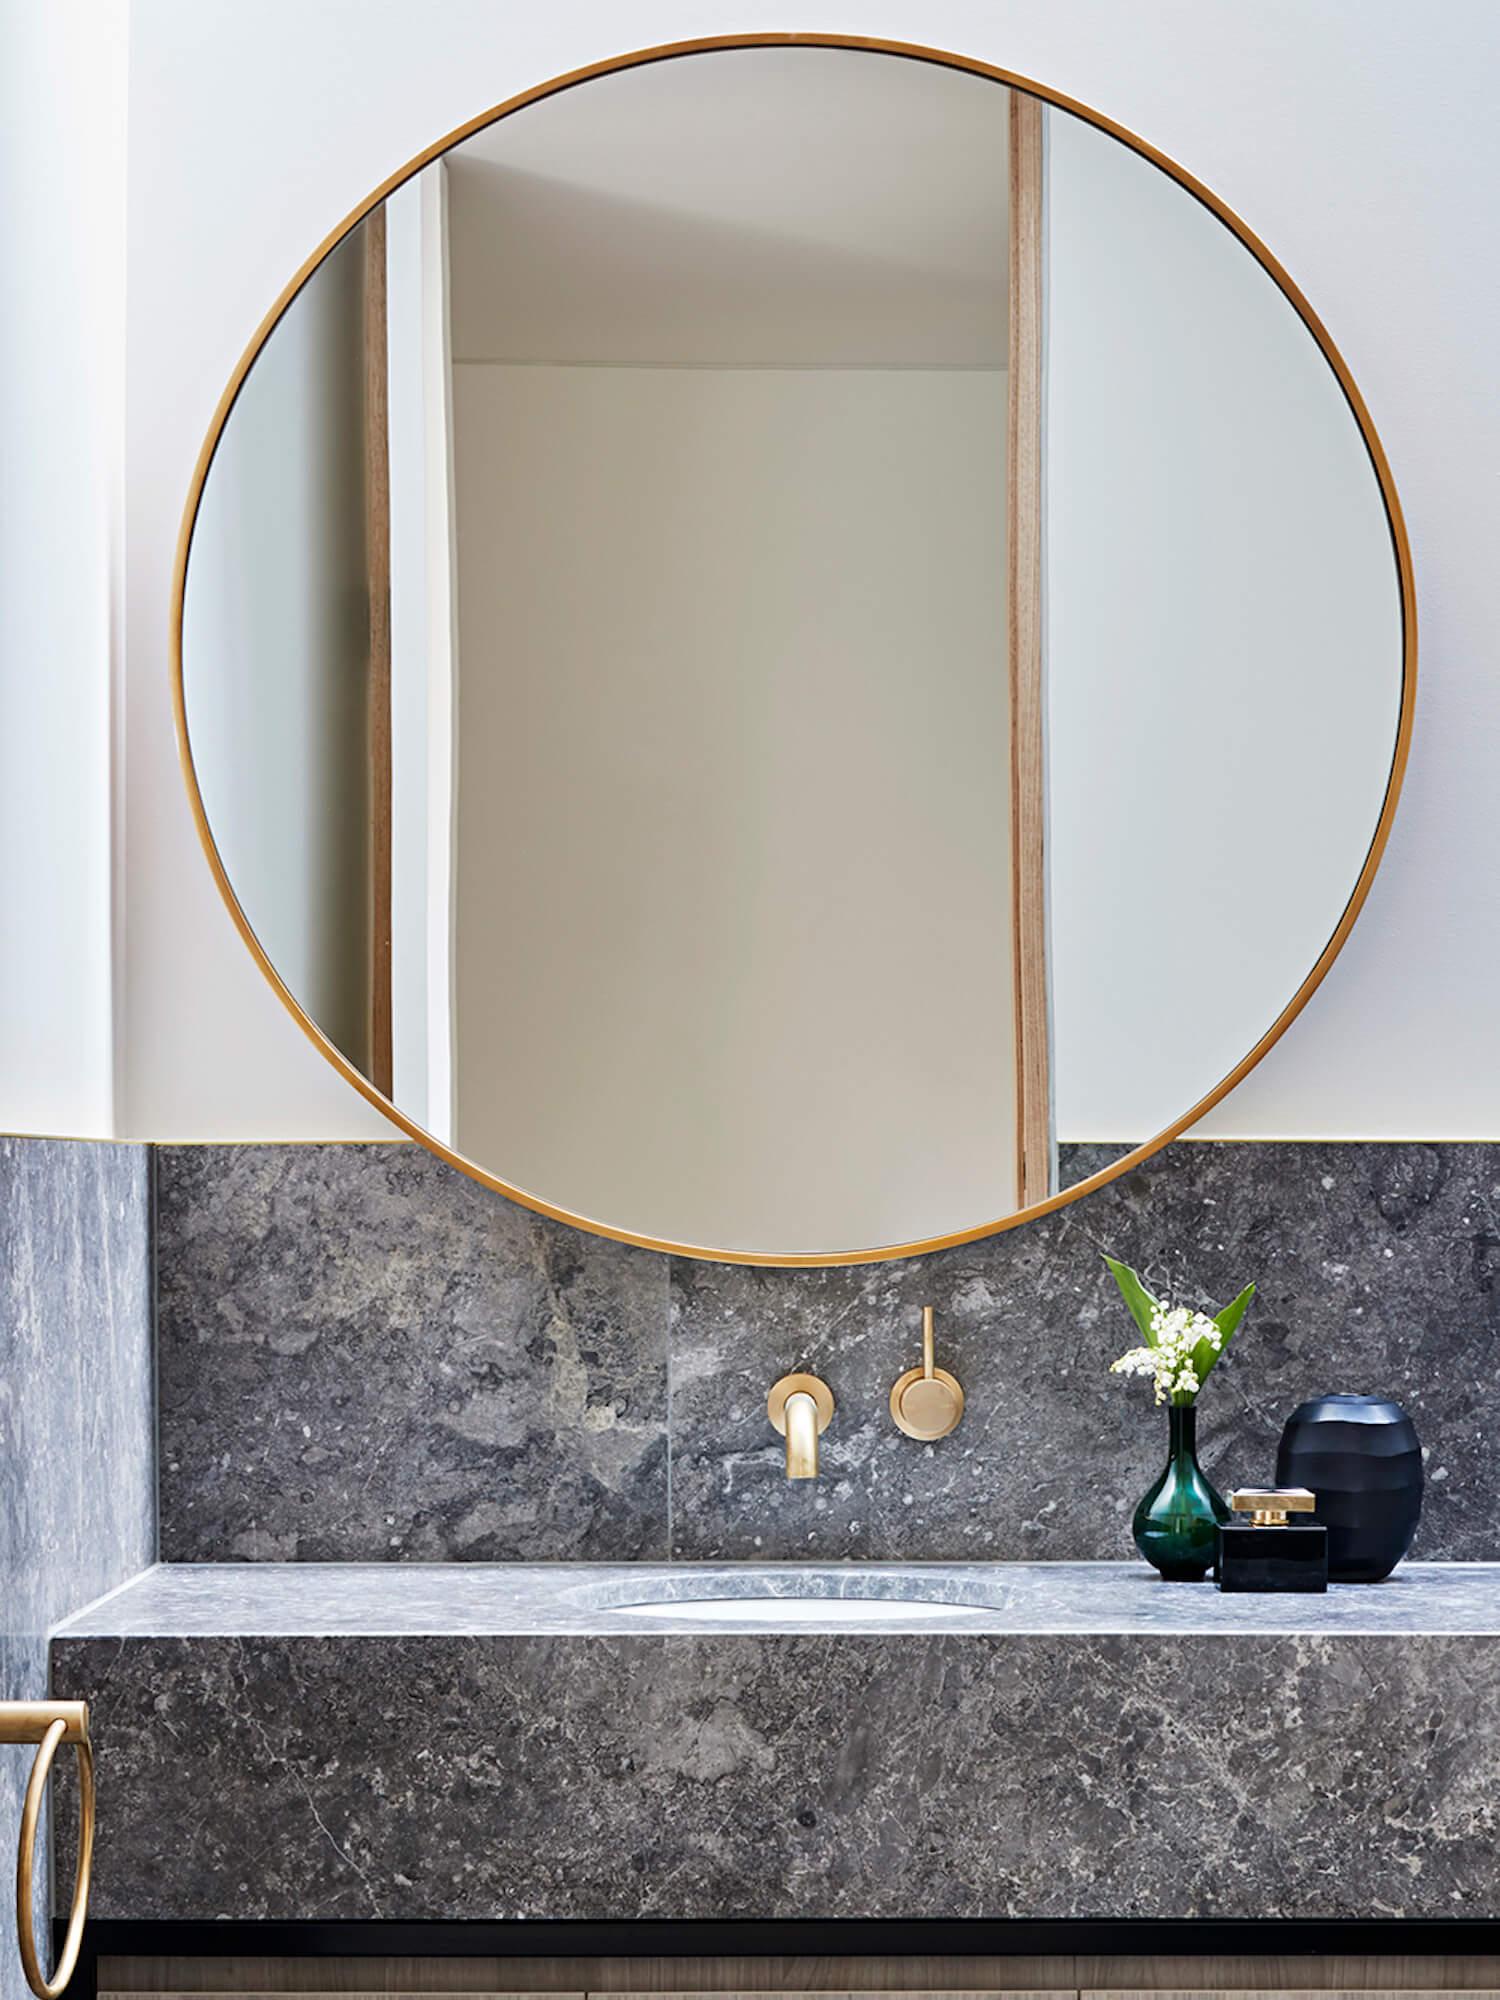 灰色大理石浴室柜和圆镜